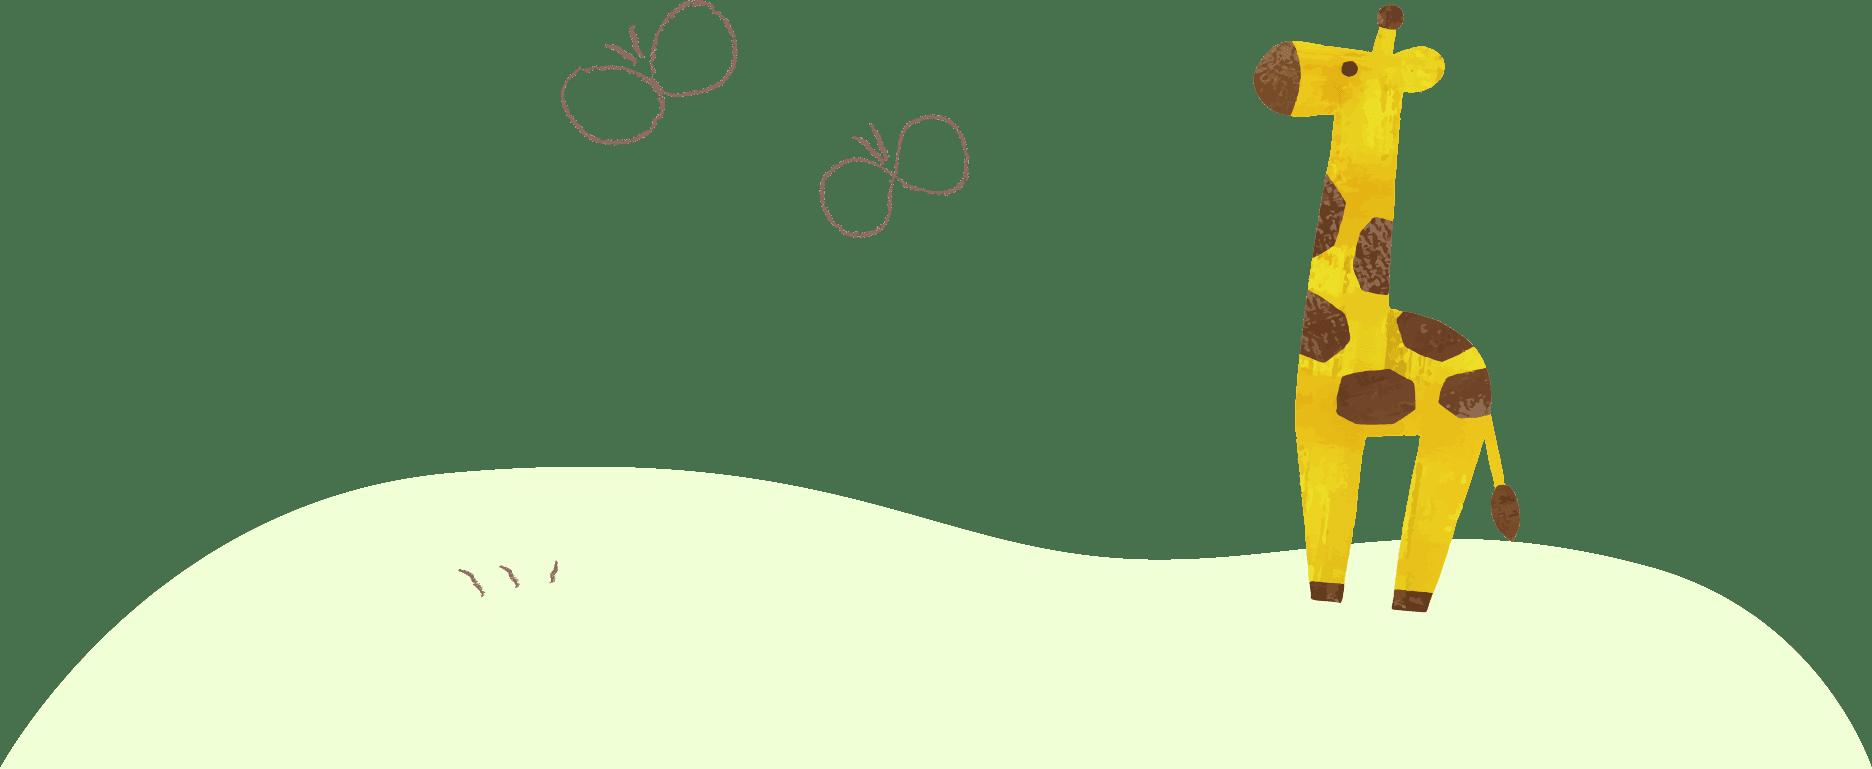 イラスト(キリン)